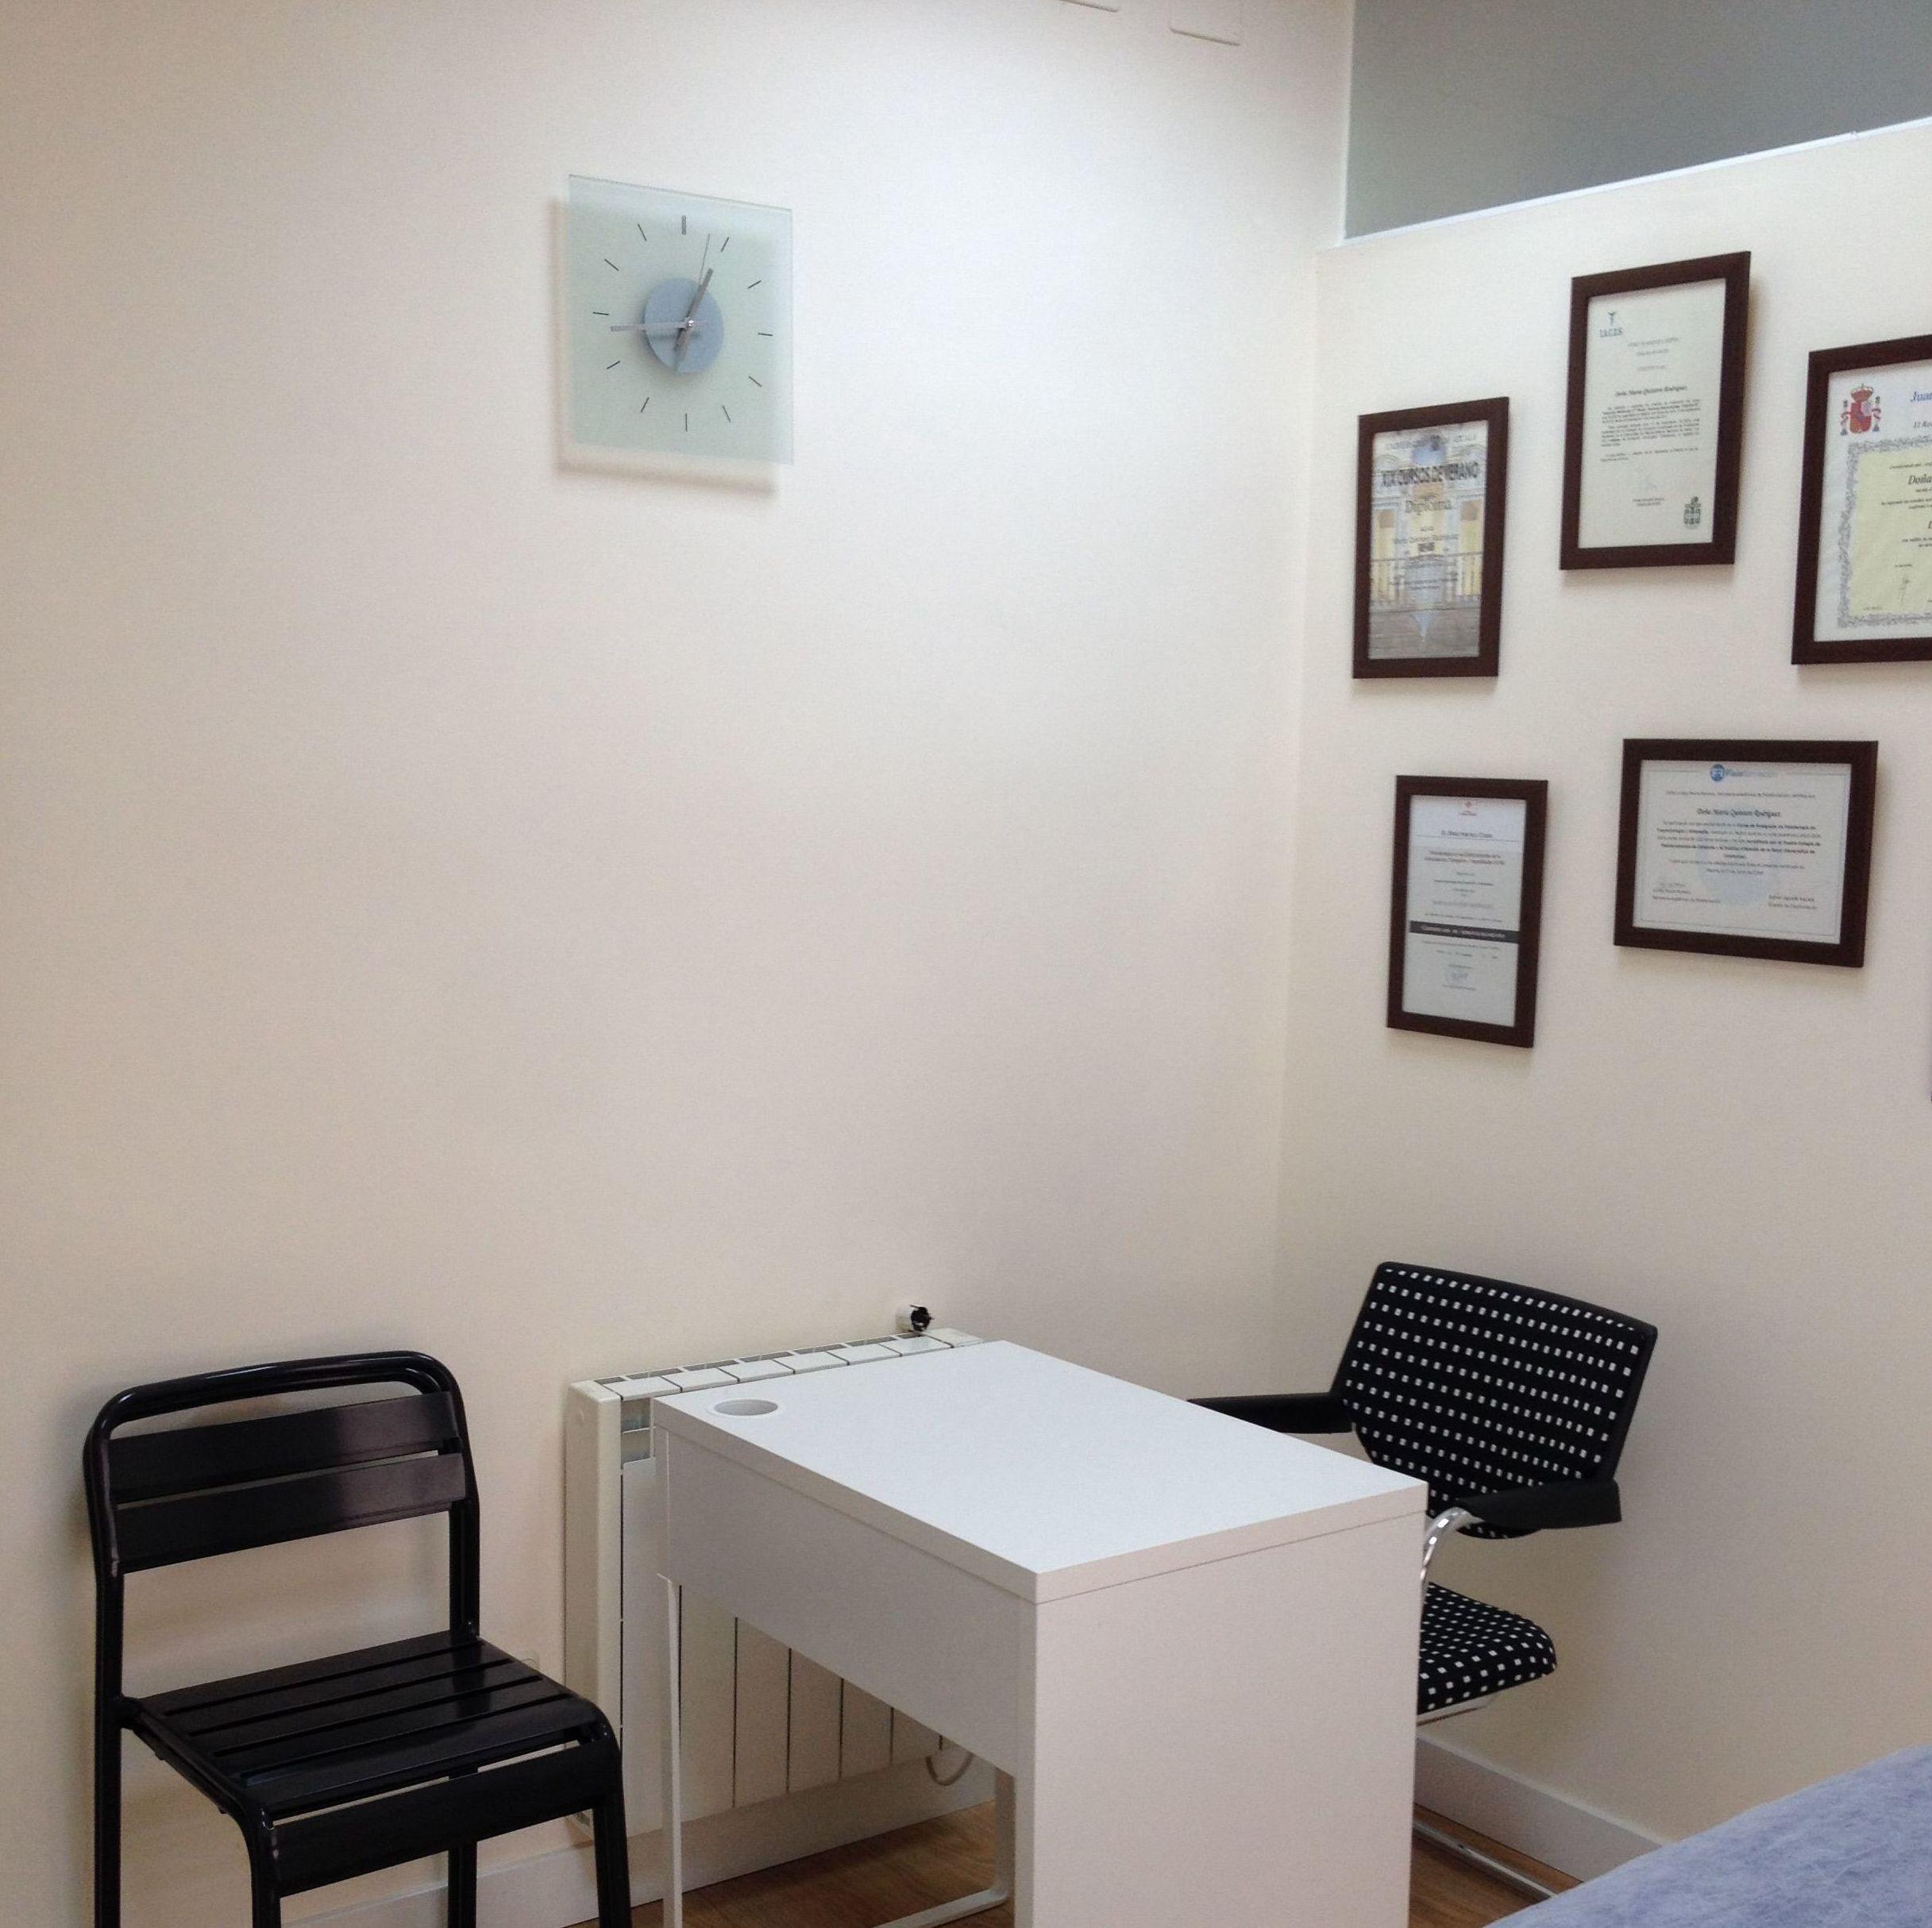 Psicología : Terapias  de MQ Fisioterapia